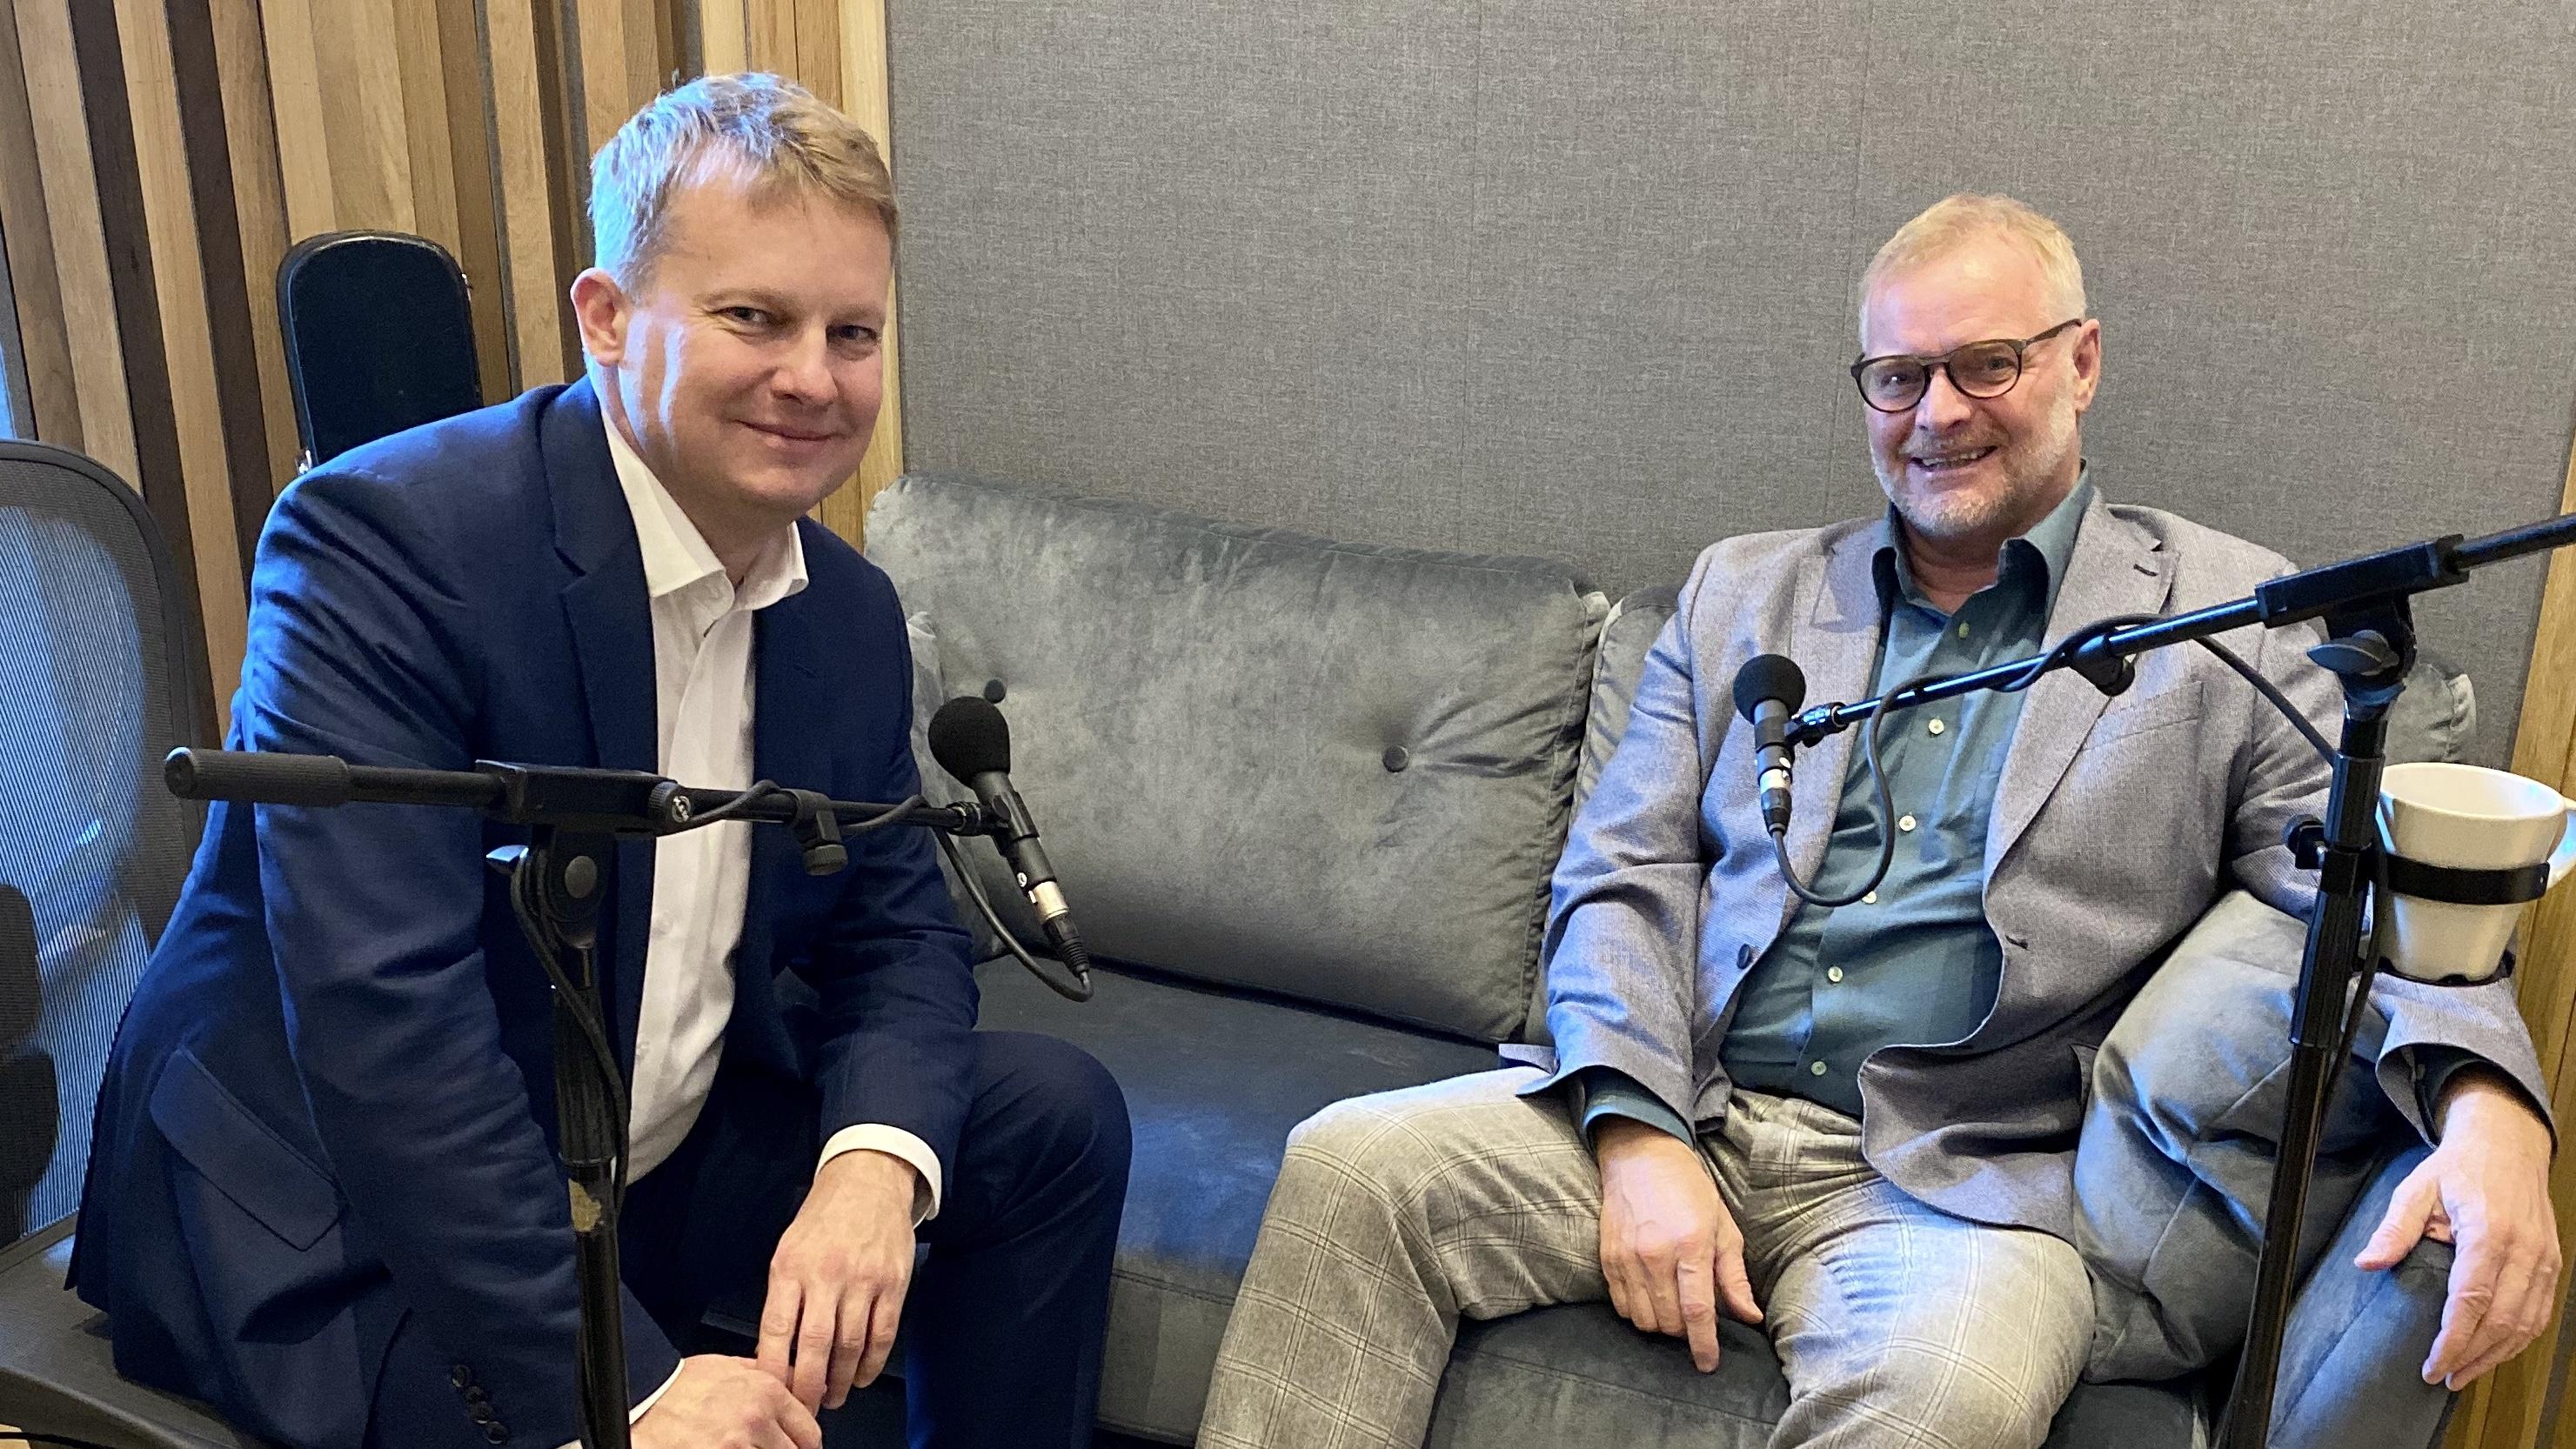 Kas Eesti meediaärisse investeerimiseks on praegu soodne aeg?